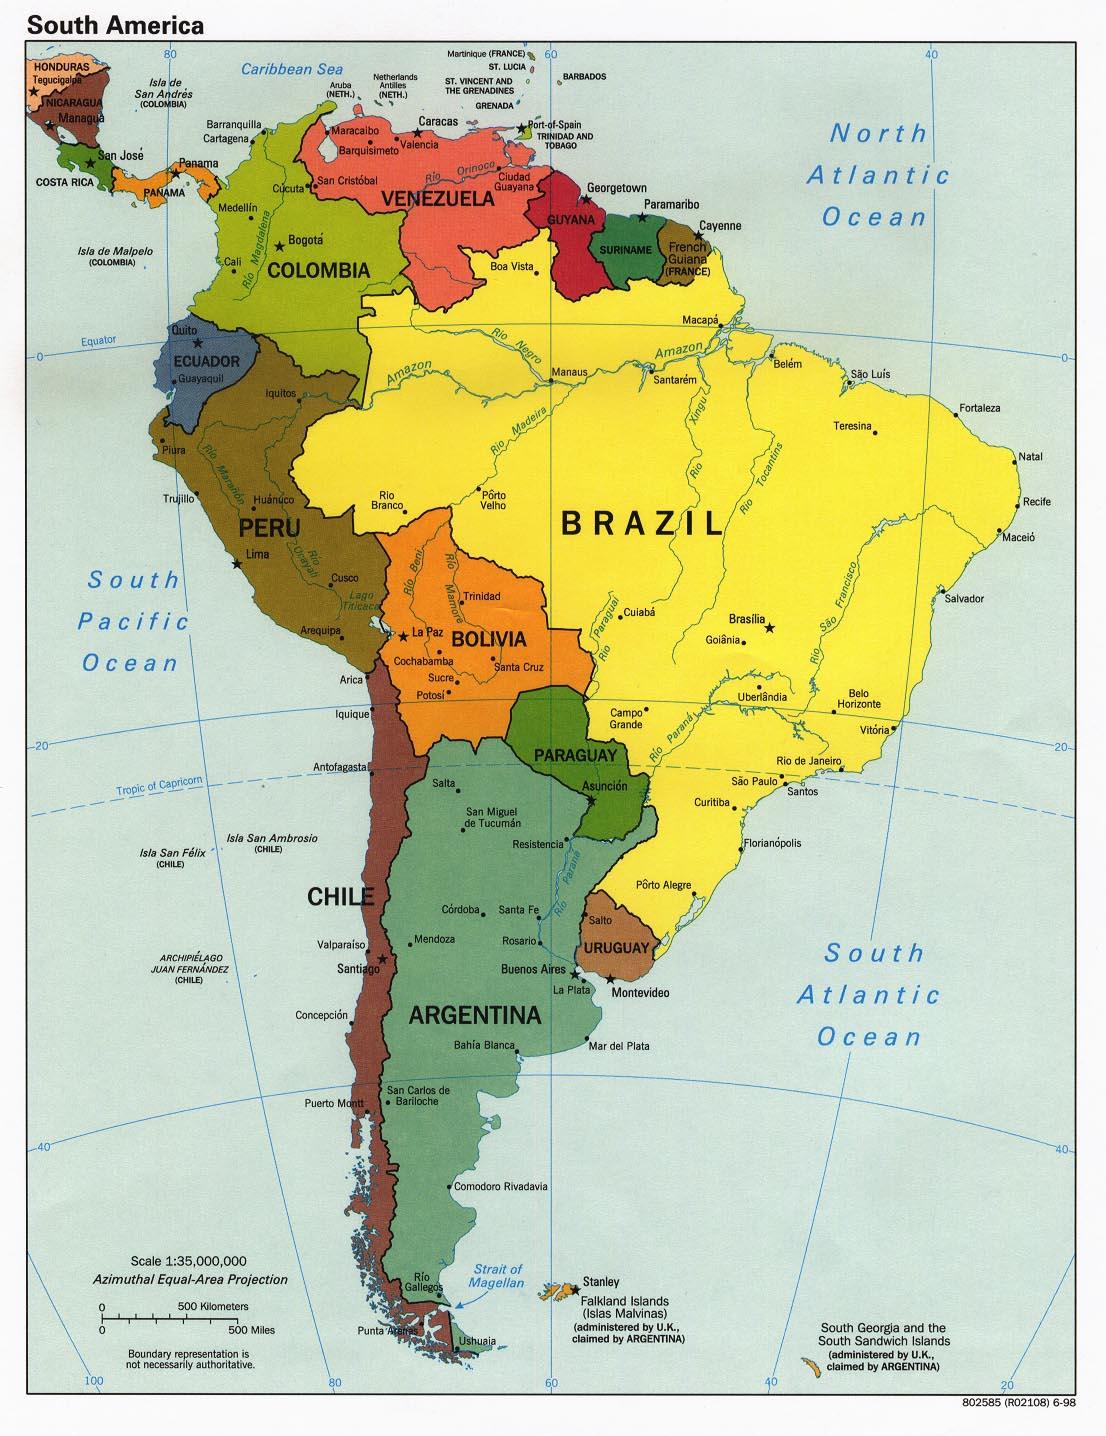 Mapa Político de América del Sur 1998